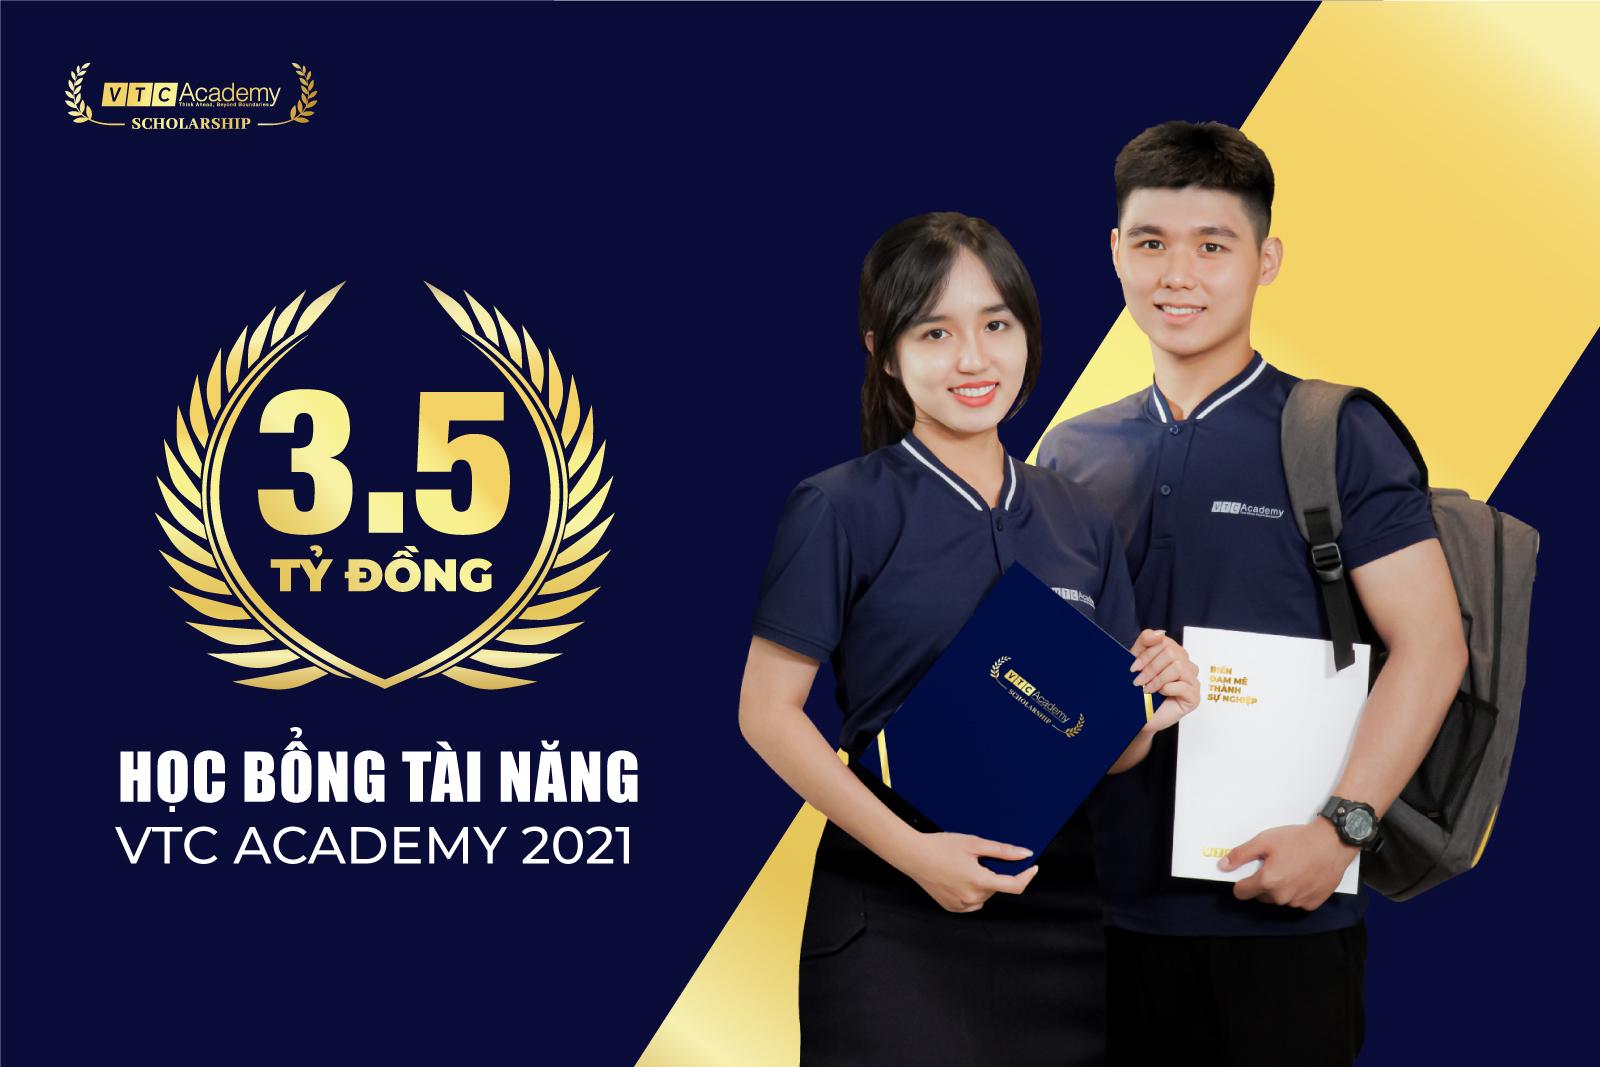 """VTC Academy khởi động chương trình """"Học bổng Tài năng 2021"""" tổng trị giá 3.5 tỷ đồng"""